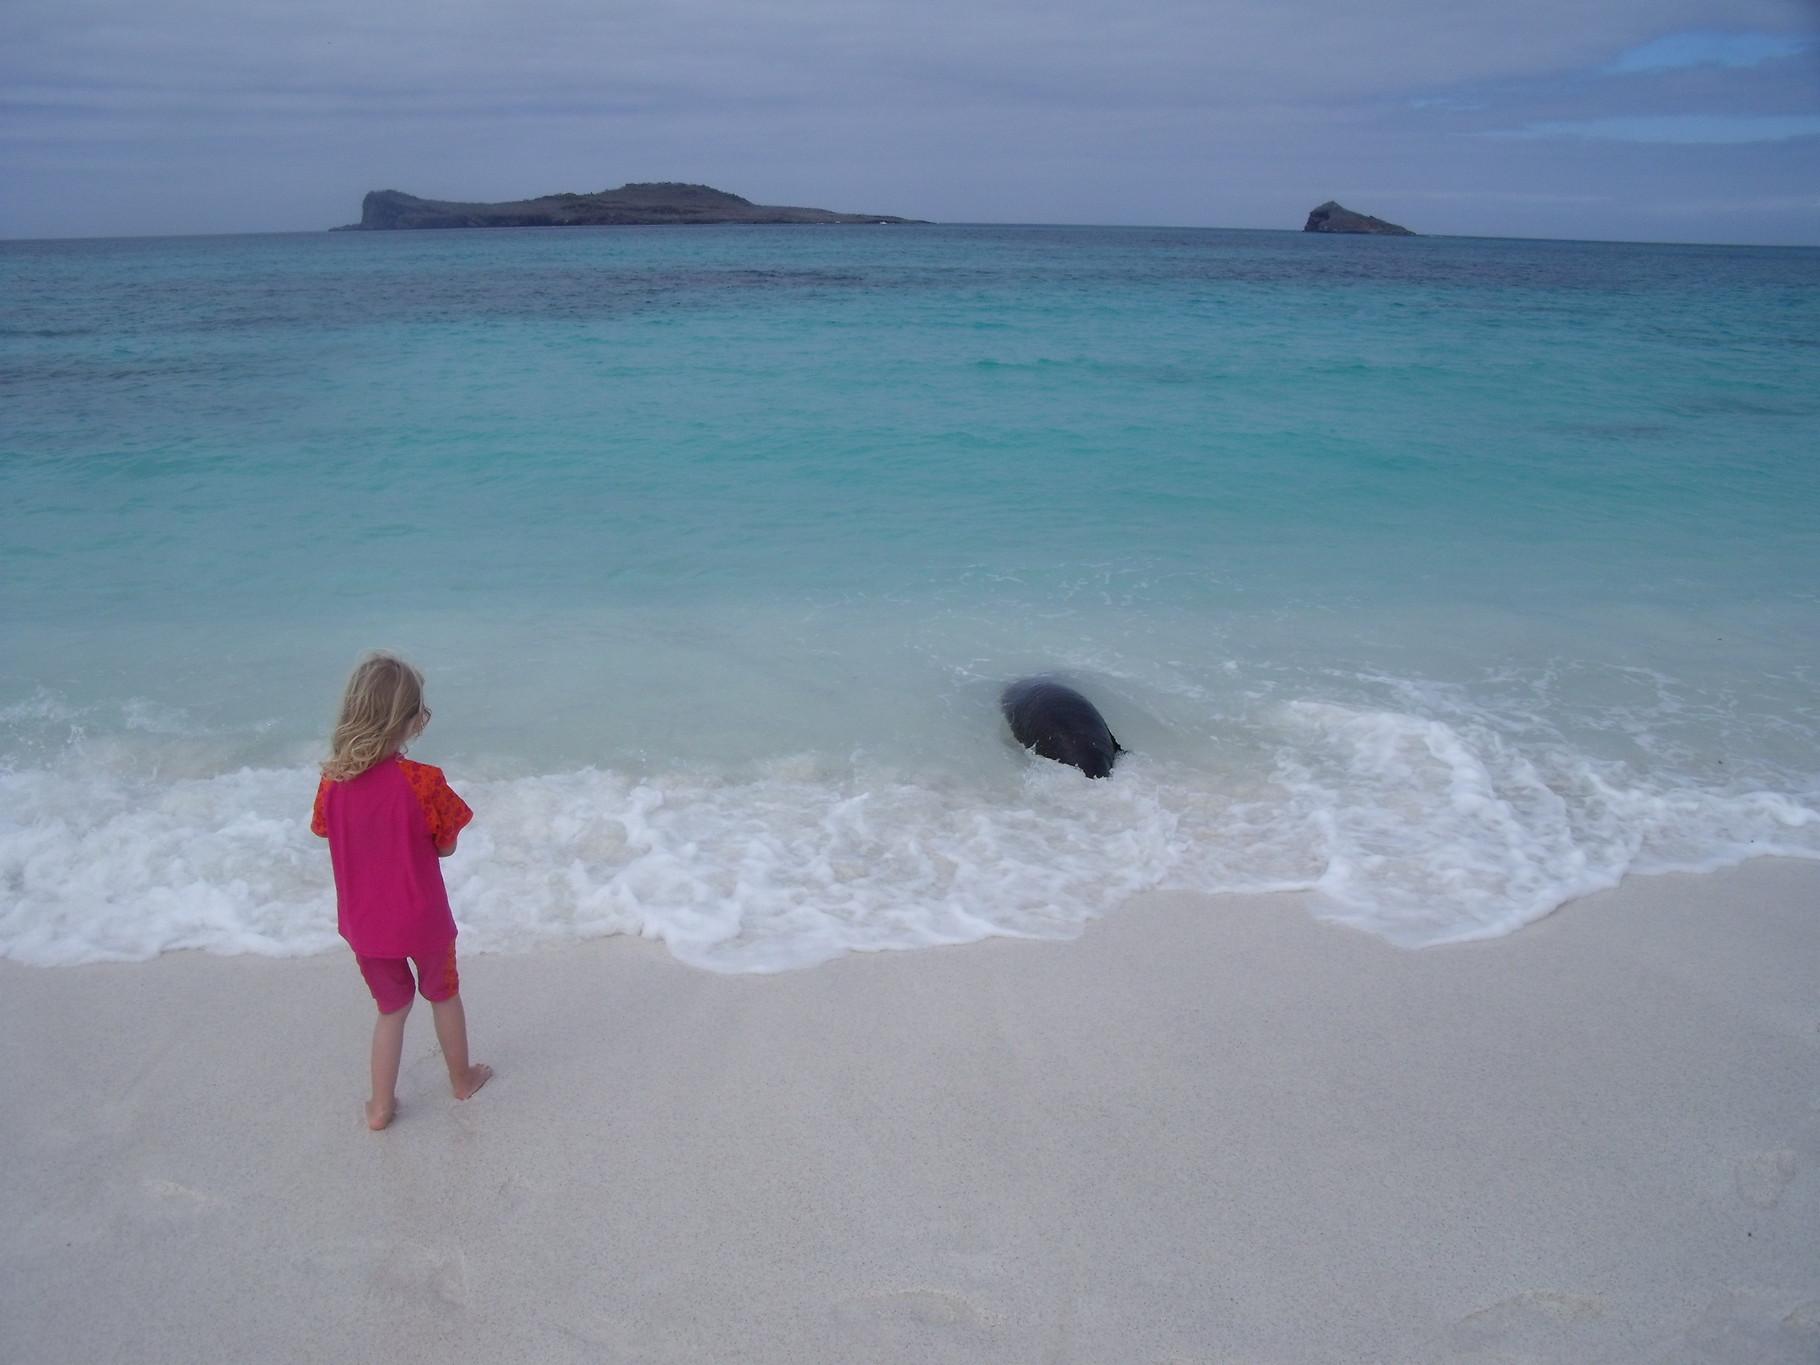 Familie Reise Island